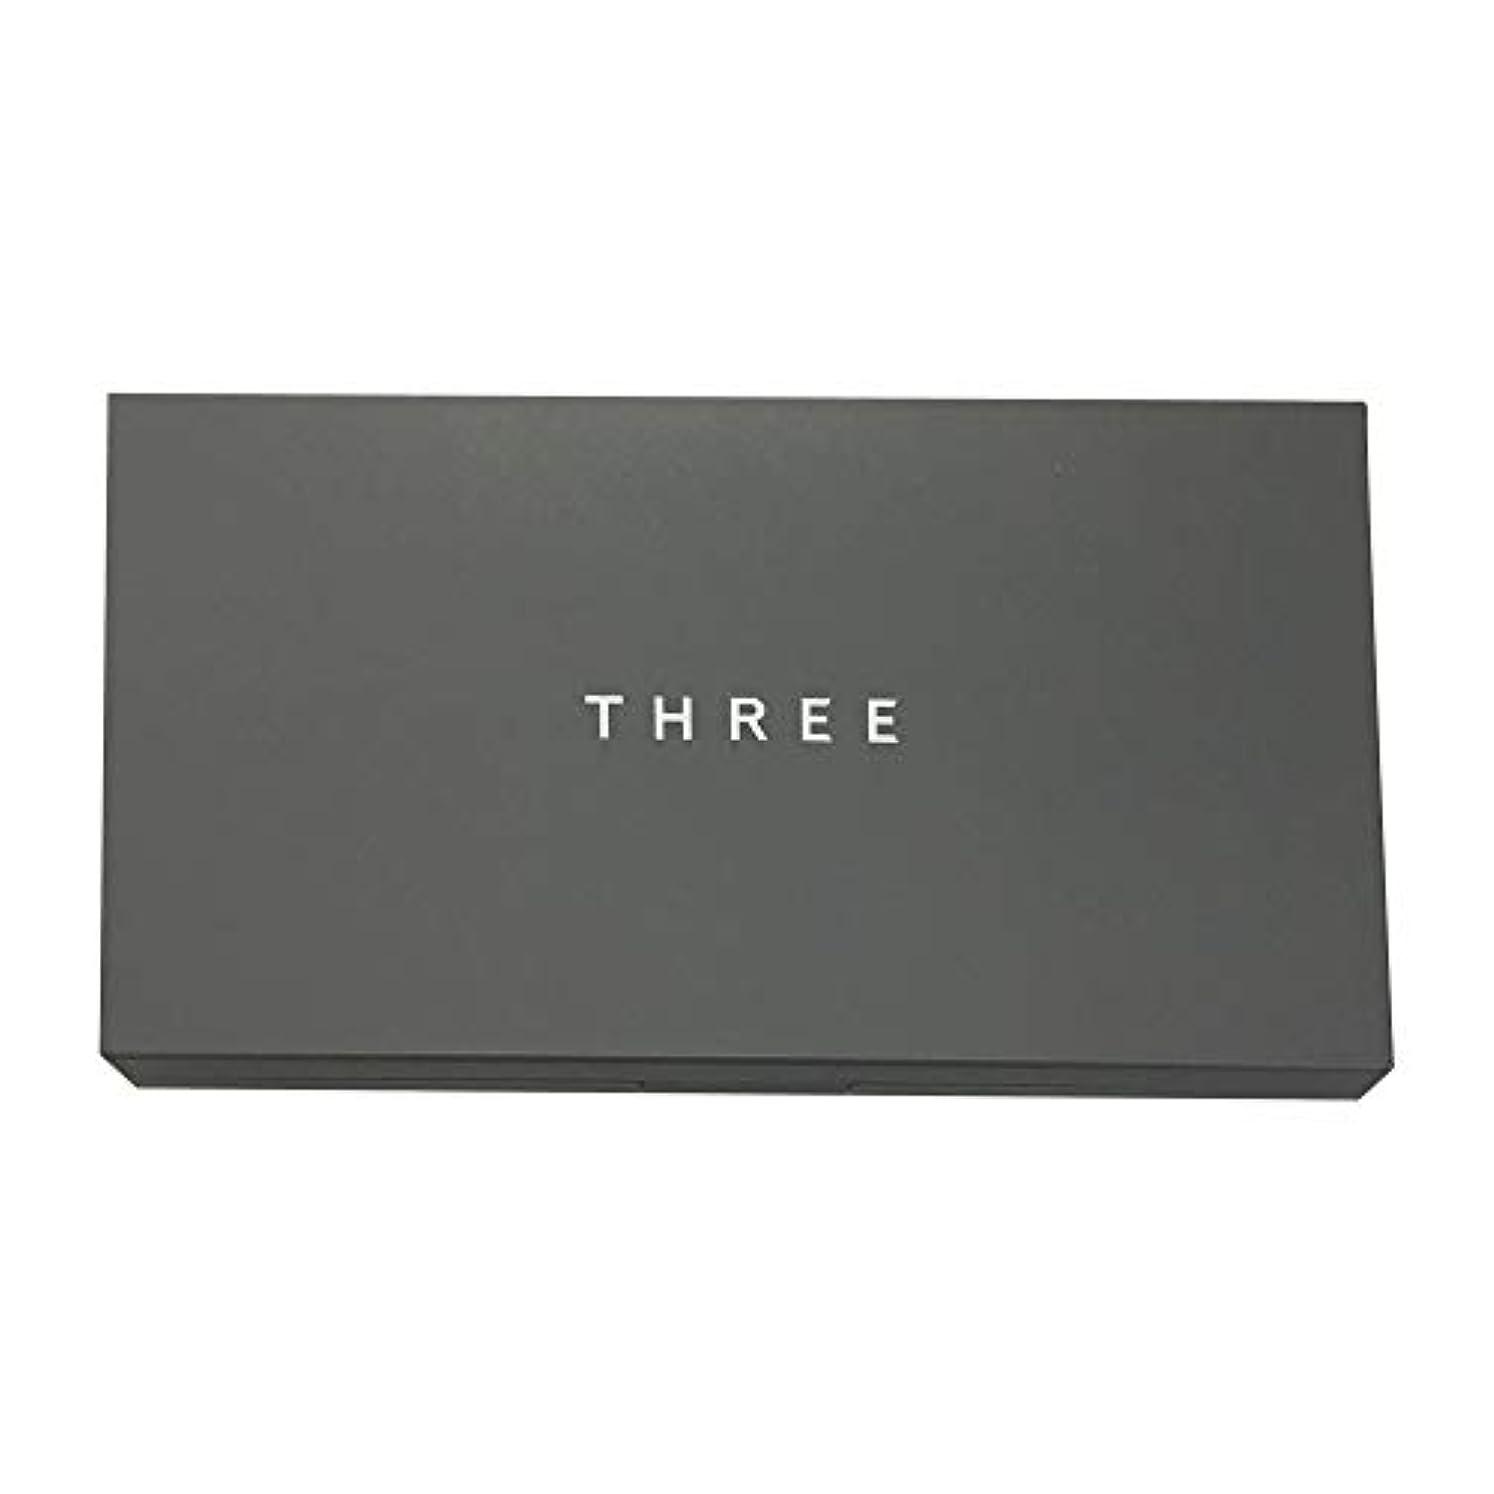 オセアニアレジデンス多様体THREE(スリー) プリスティーンコンプレクションパウダーファンデーション ケース [ ケース ] [並行輸入品]